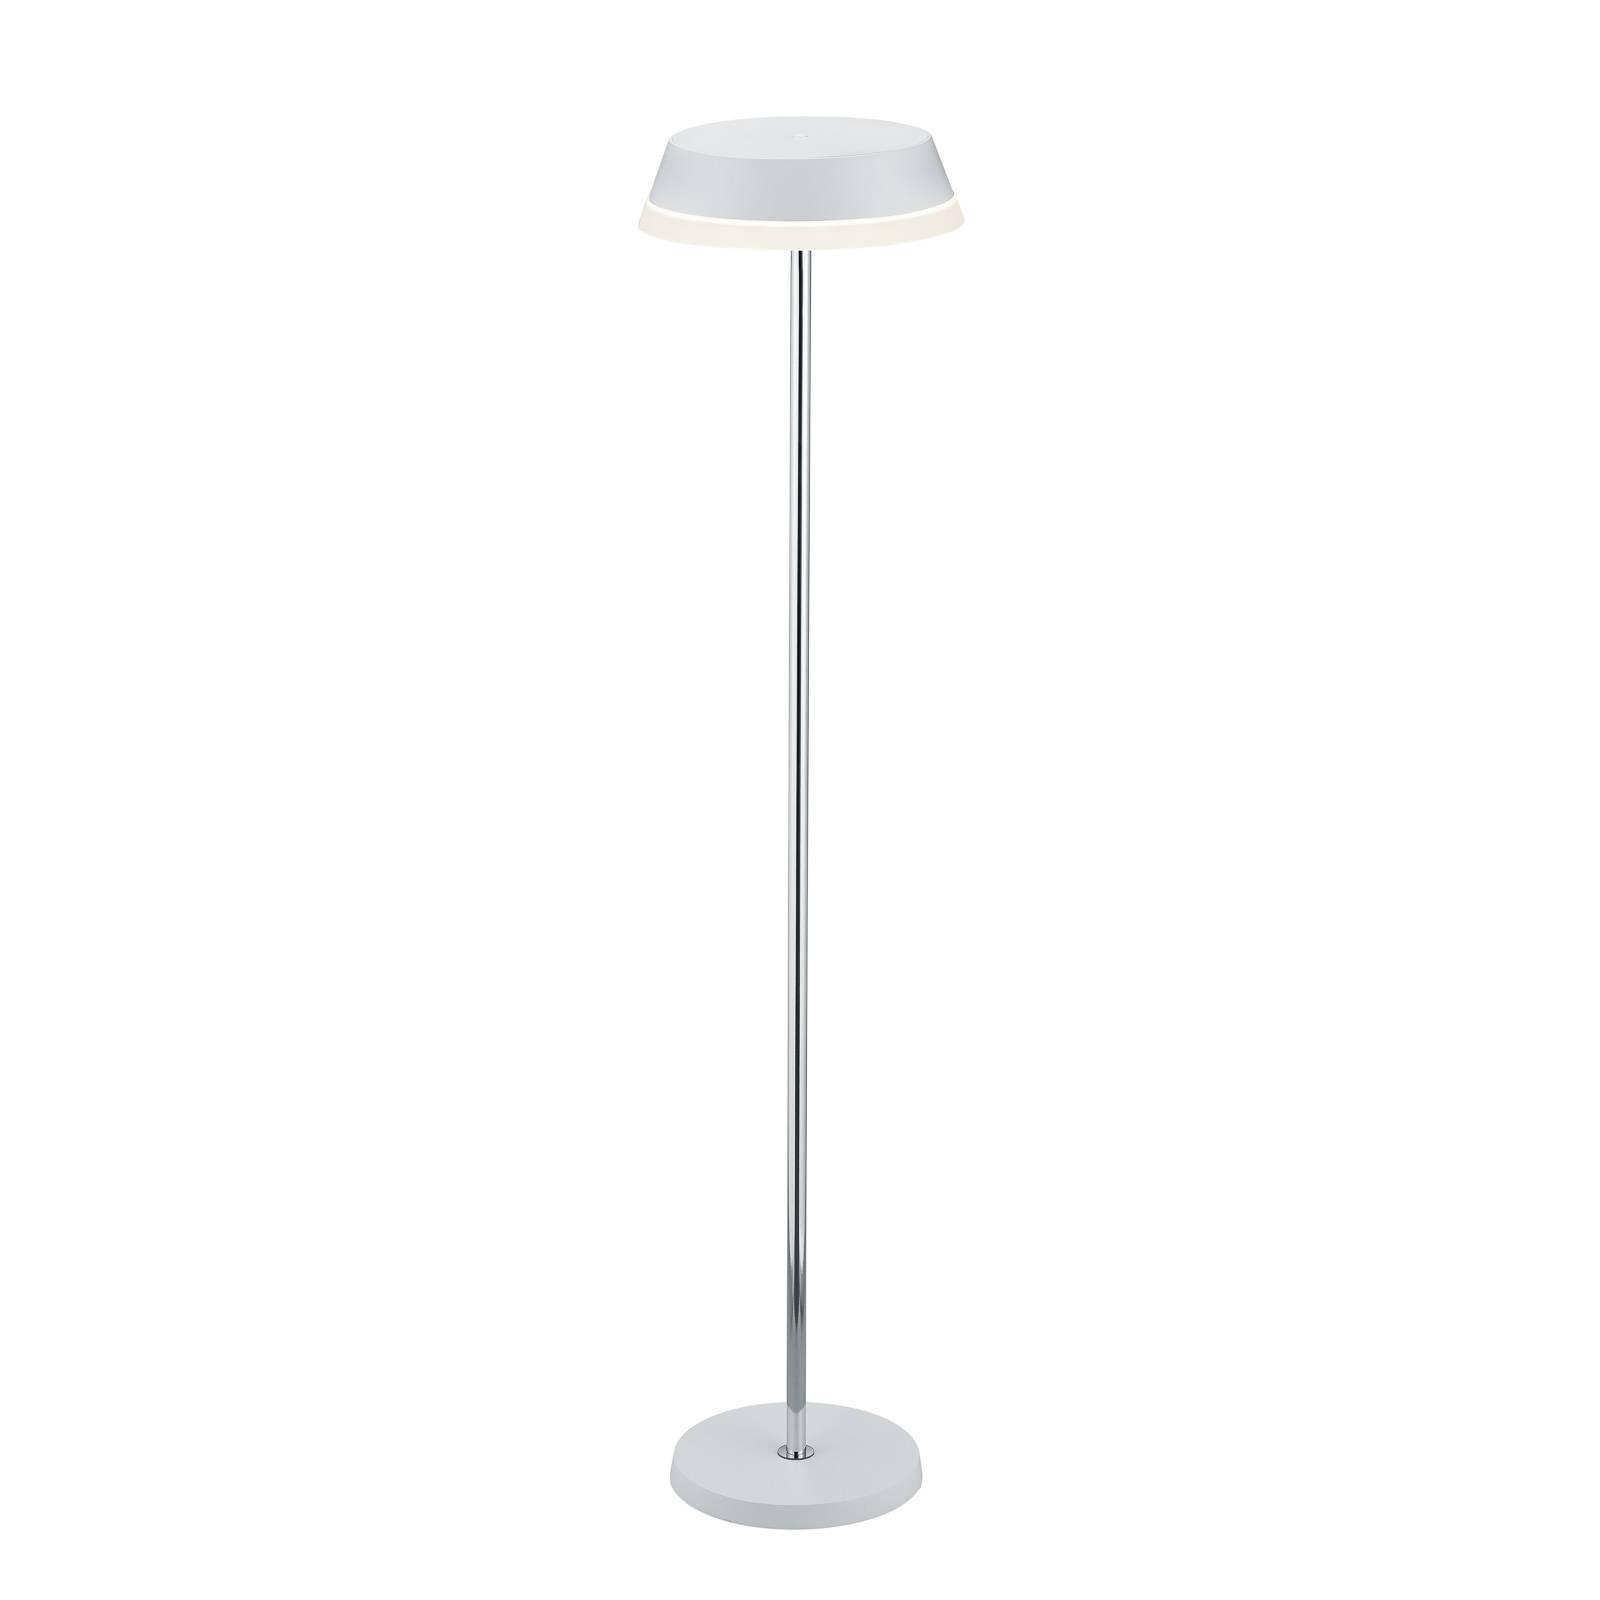 B-Leuchten Joy lampadaire LED avec batterie blanc